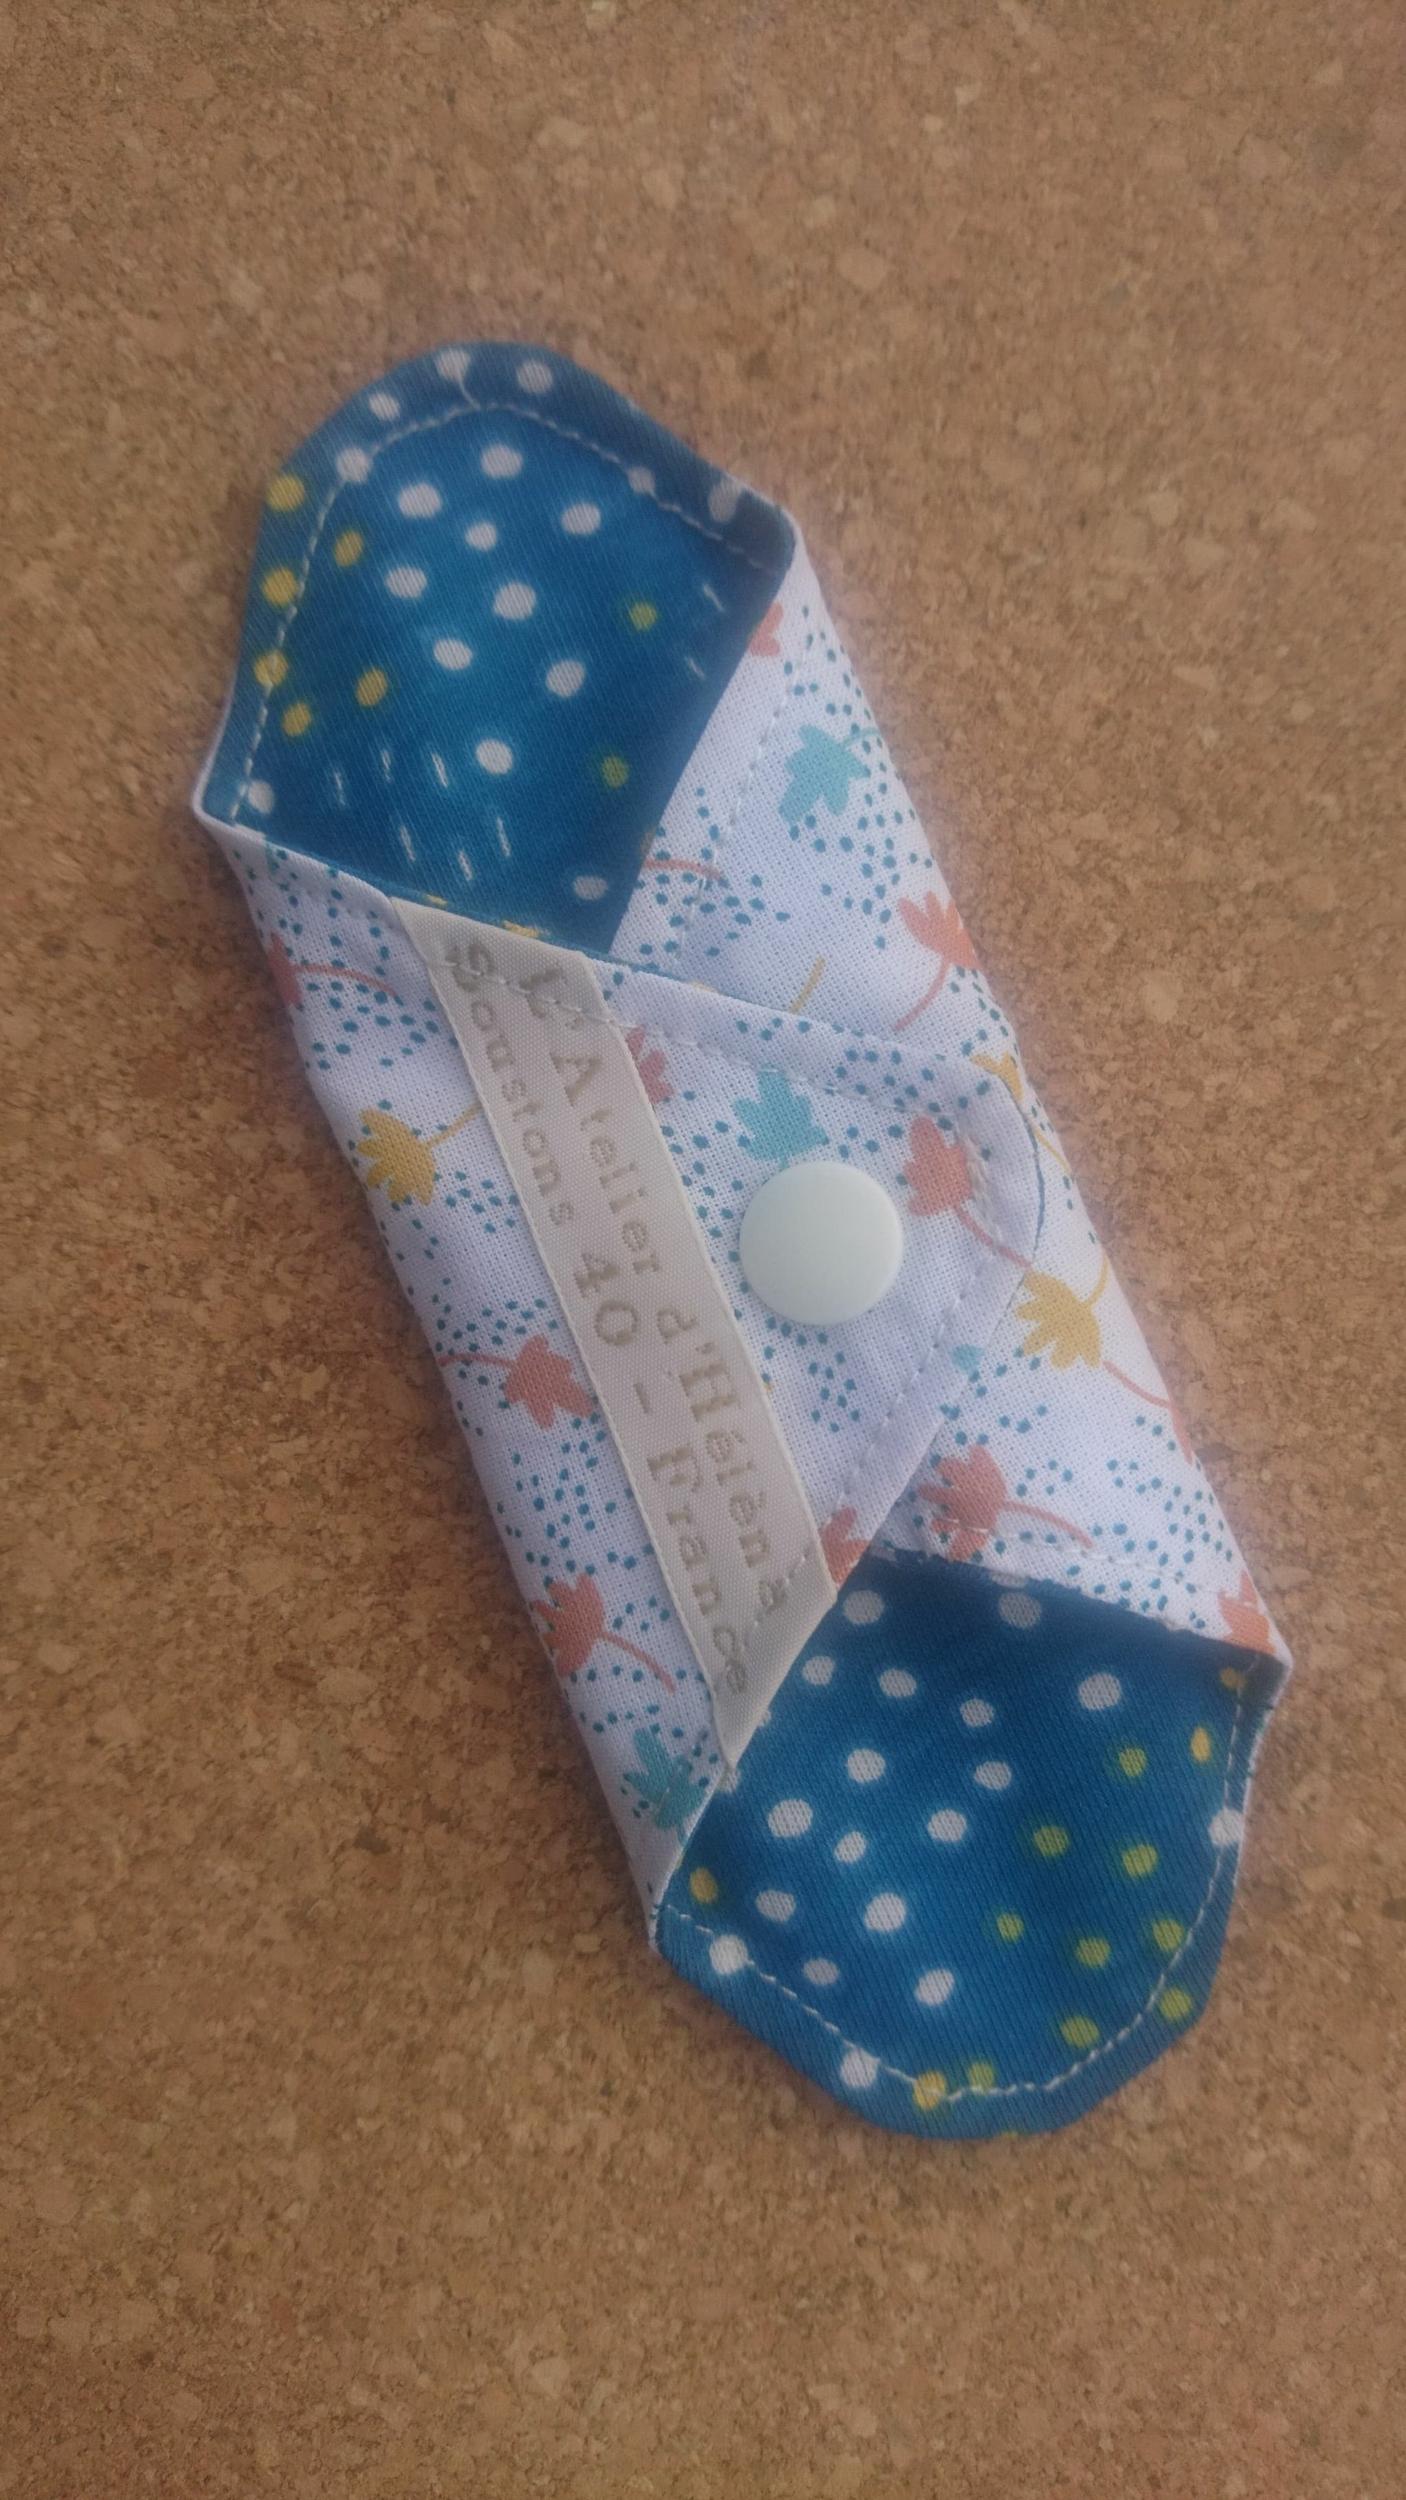 Mini protège-slip coton lavable et réutilisable - feuilles multicolores